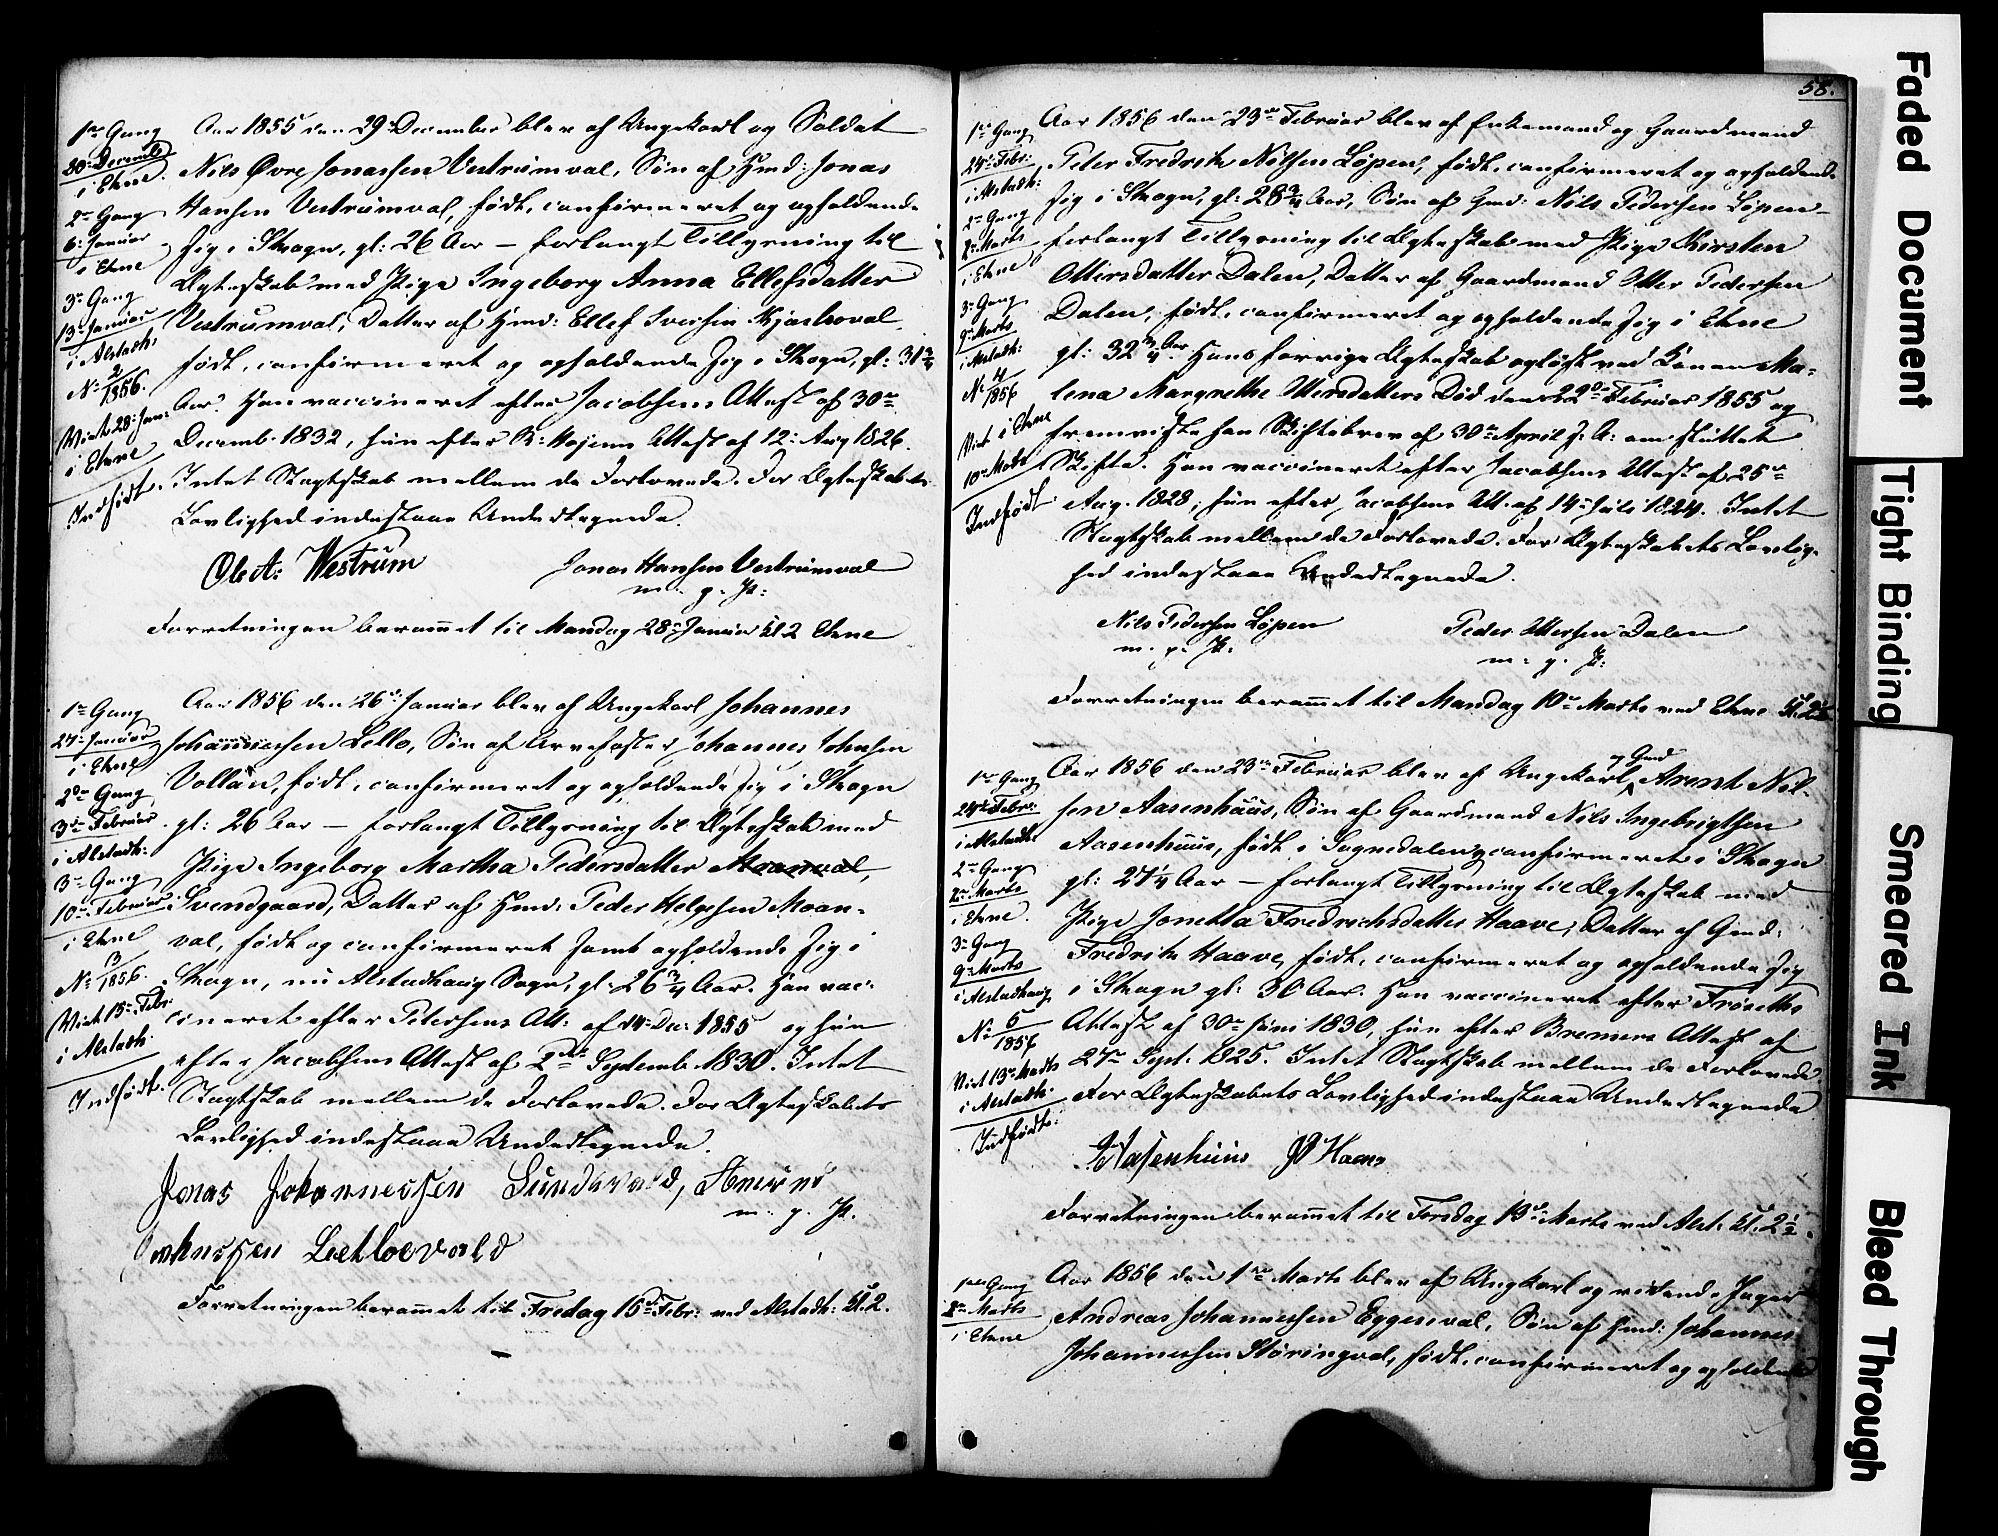 SAT, Ministerialprotokoller, klokkerbøker og fødselsregistre - Nord-Trøndelag, 717/L0161: Forlovererklæringer nr. 717A11, 1850-1895, s. 58